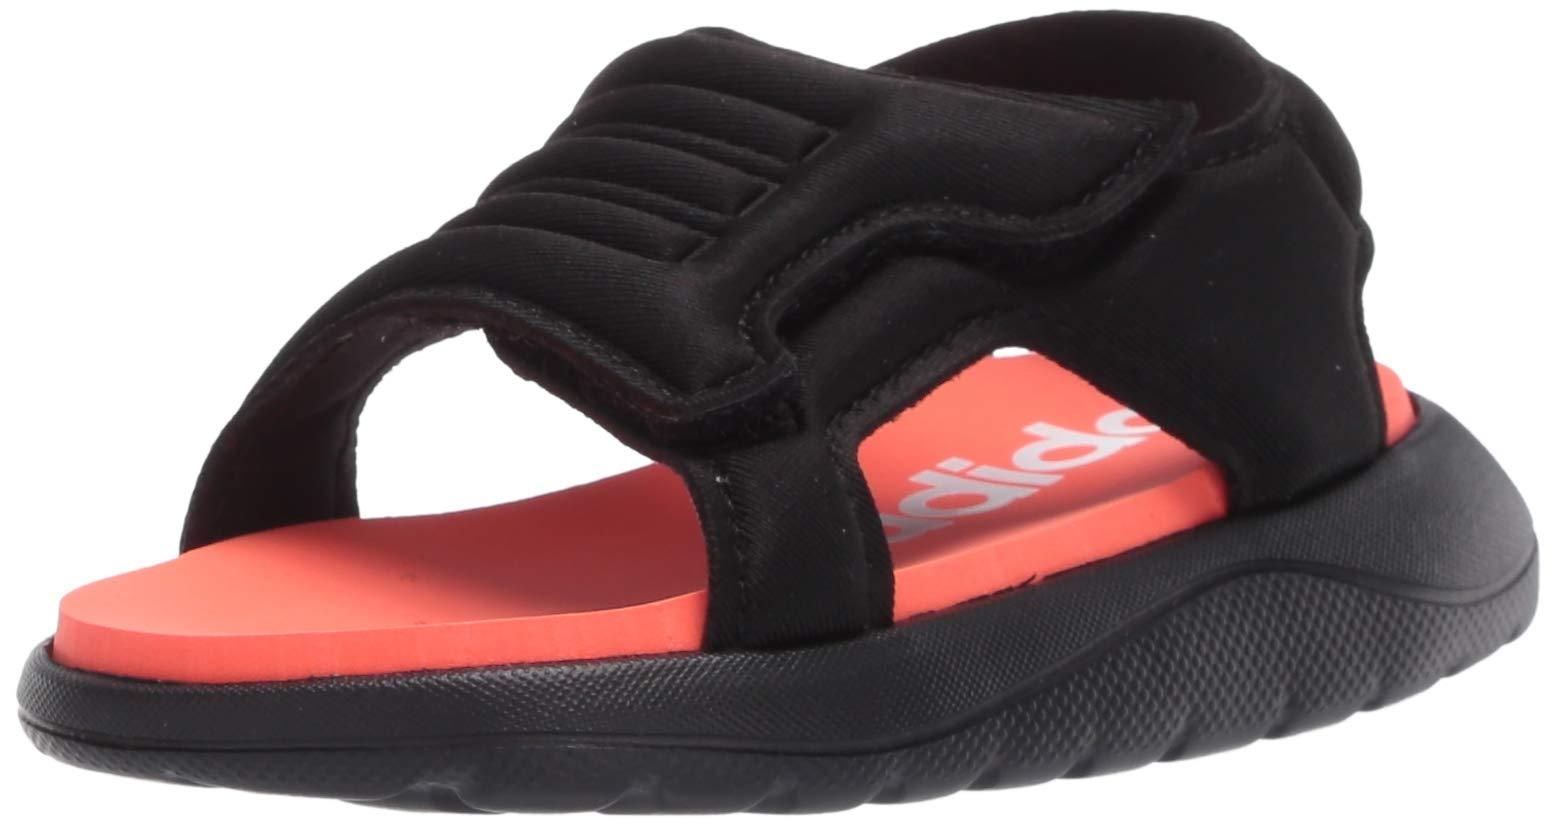 adidas Kids' Comfort Sandal I Slide